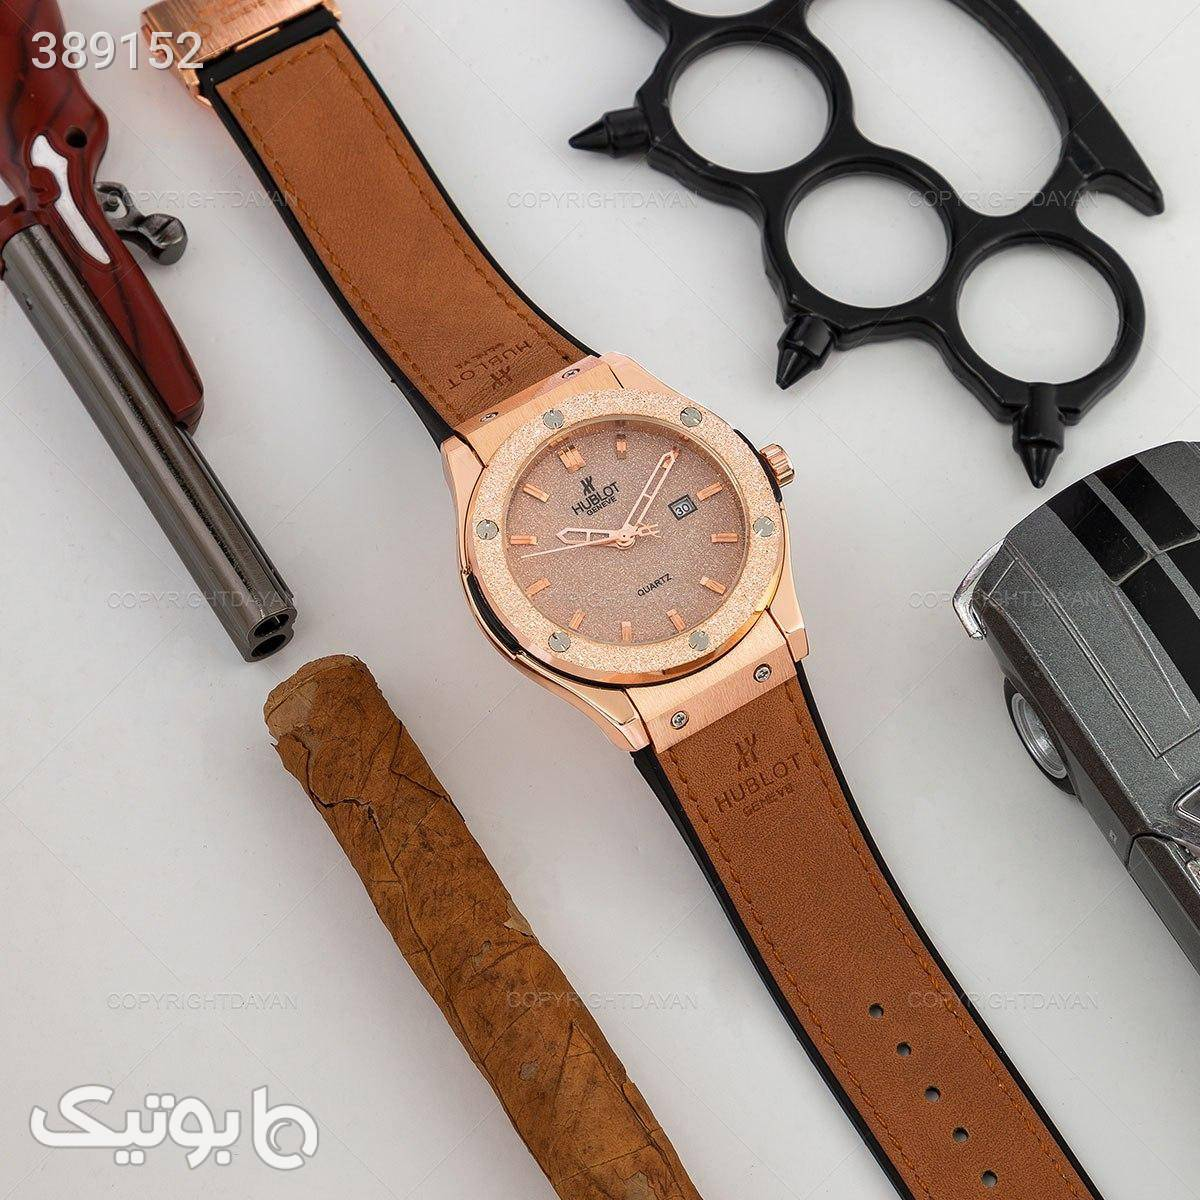 ساعت مچی Hublot مدل 12310 قهوه ای ساعت